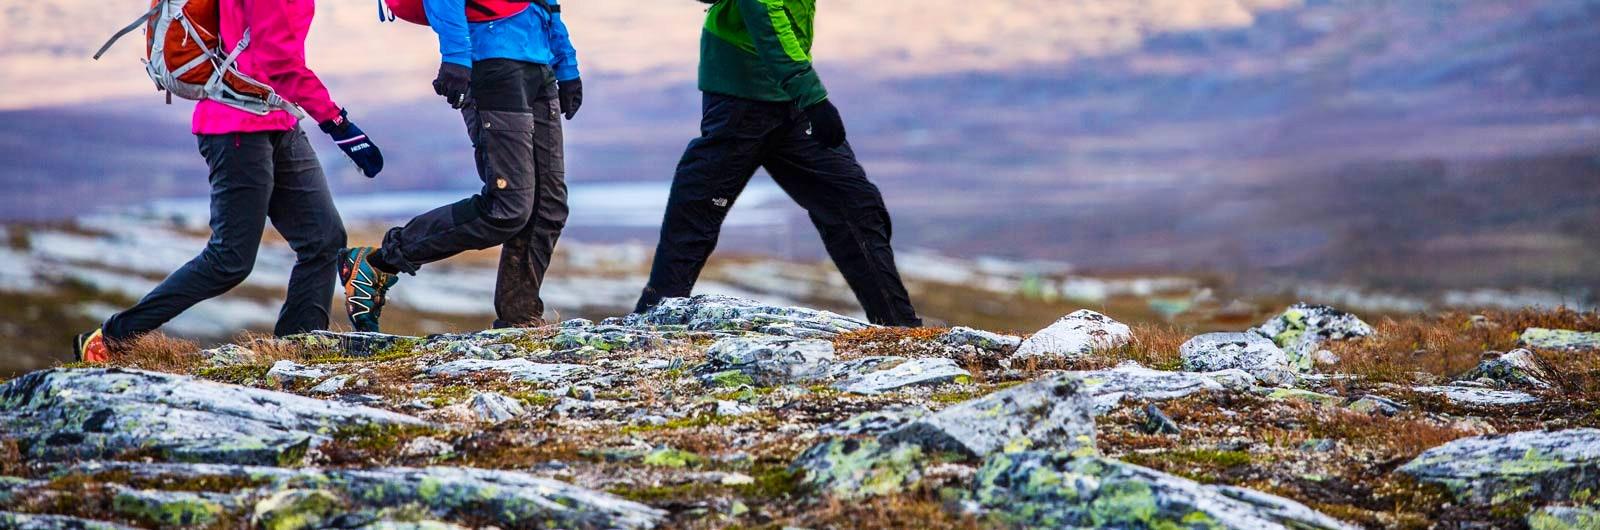 Vandrare går till STF Blåhammaren - Storerikvollen